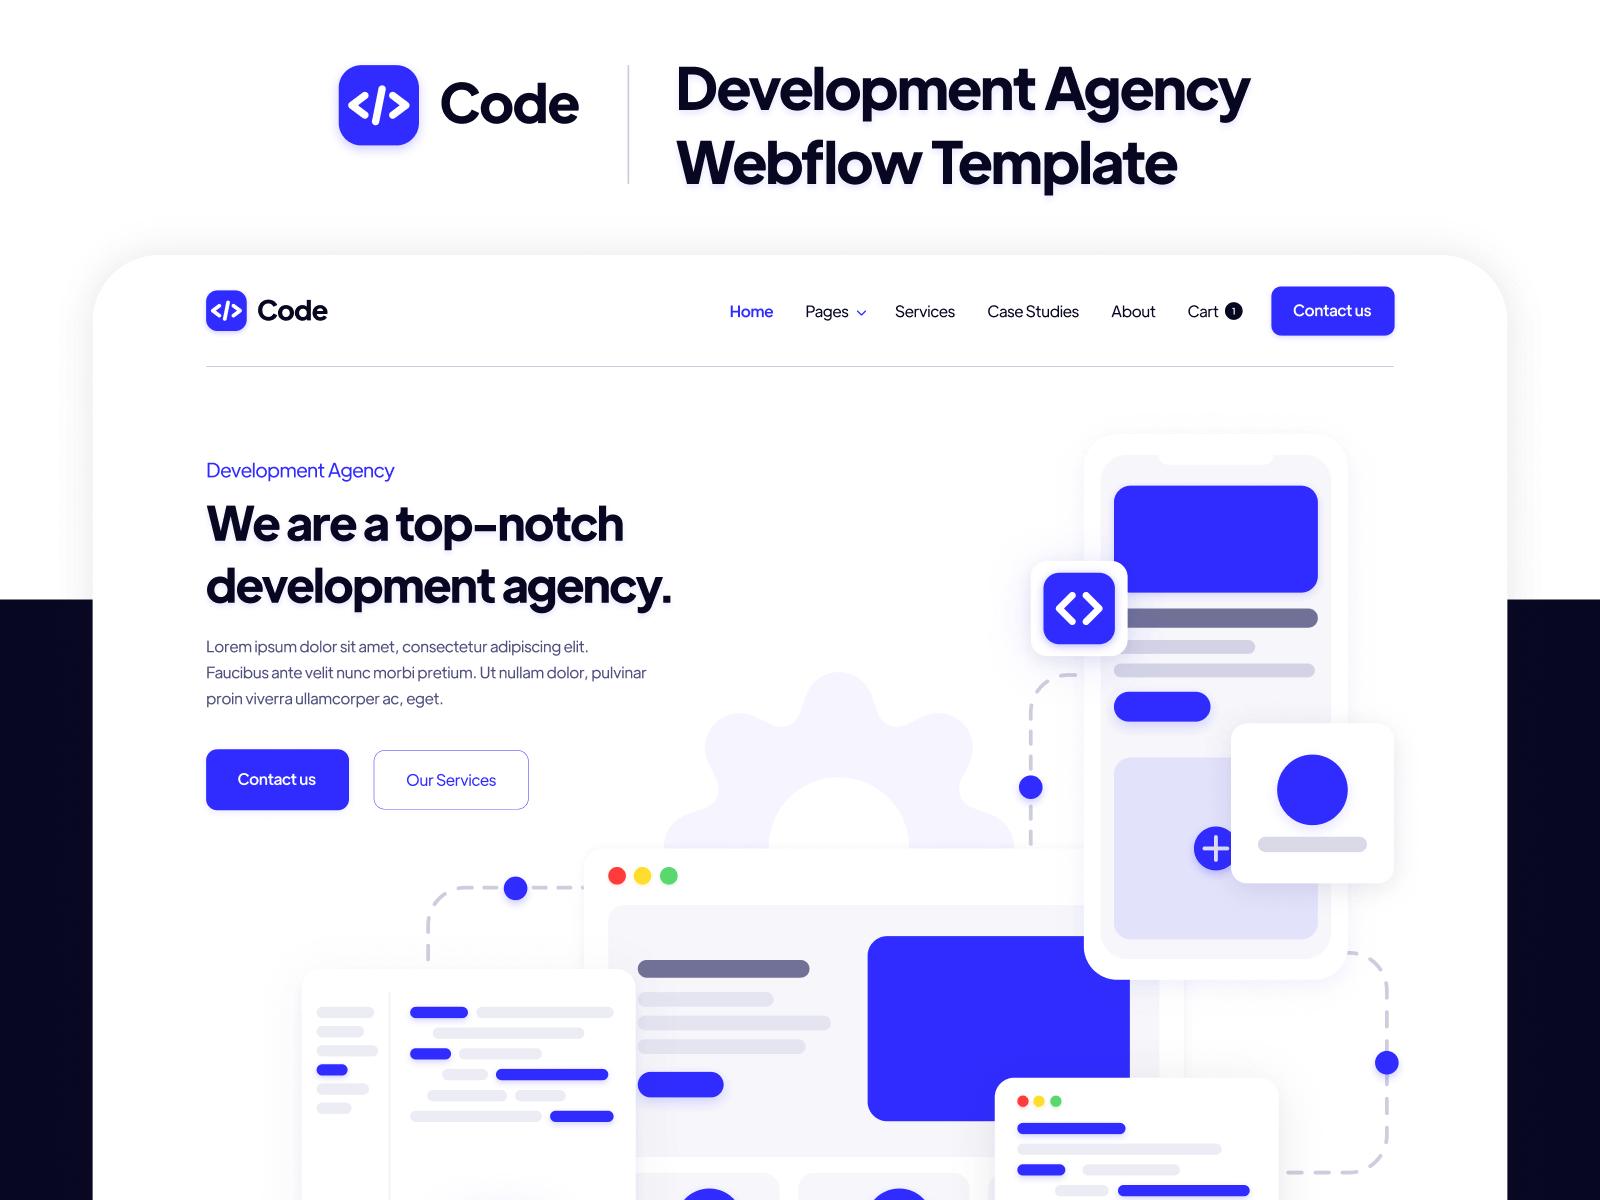 Dev Agency Webflow Template